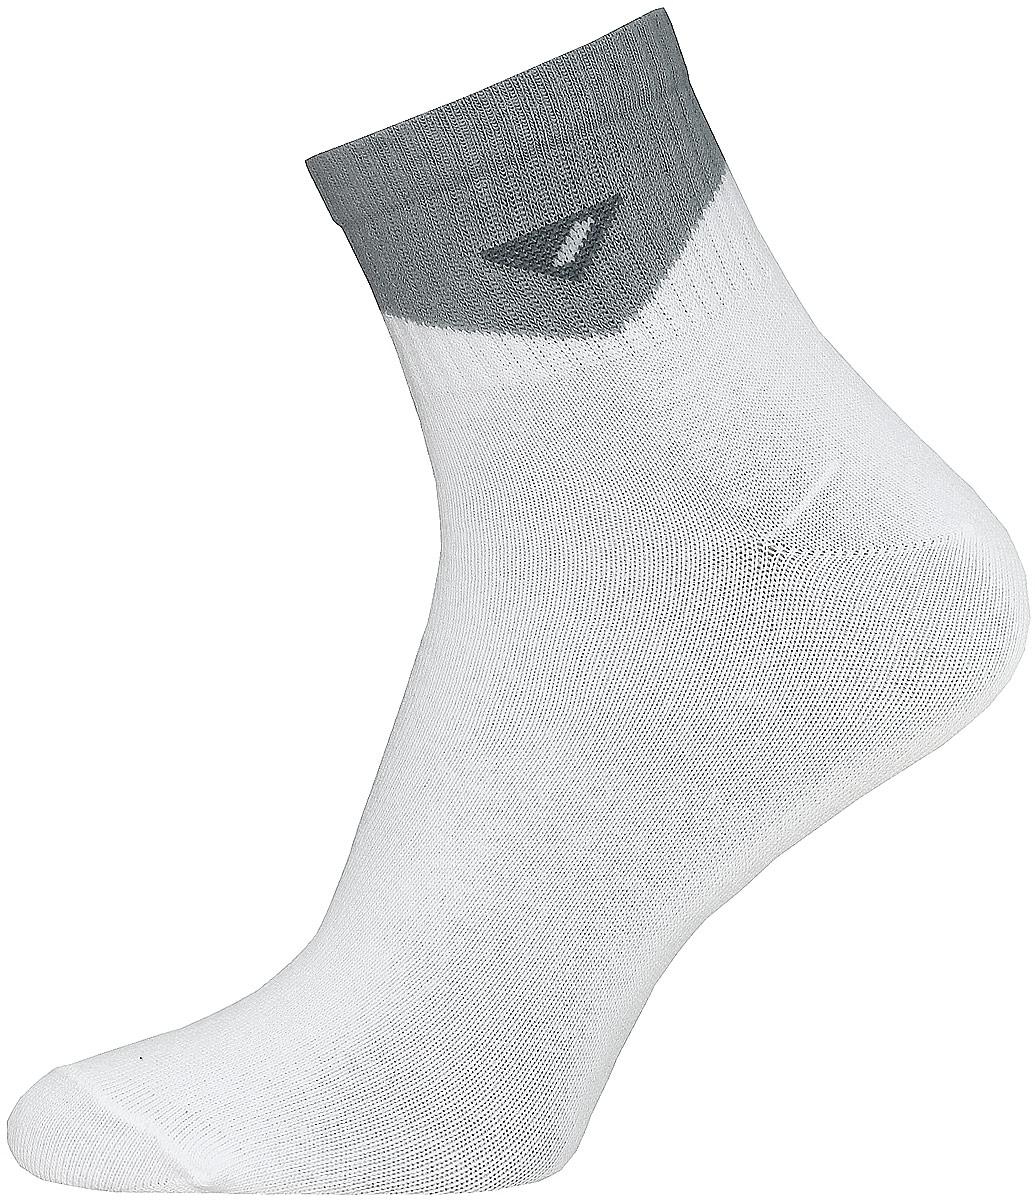 Носки14С2314/020Мужские носки Брестские Active, изготовленные из хлопка с добавлением полиэстера и эластана, идеально подойдут для занятий спортом. Укороченная модель имеет мягкую резинку с двойным бортом. Носки хорошо держат форму и обладают повышенной воздухопроницаемостью. Усиленные пятка и мысок обеспечивают надежность и долговечность.